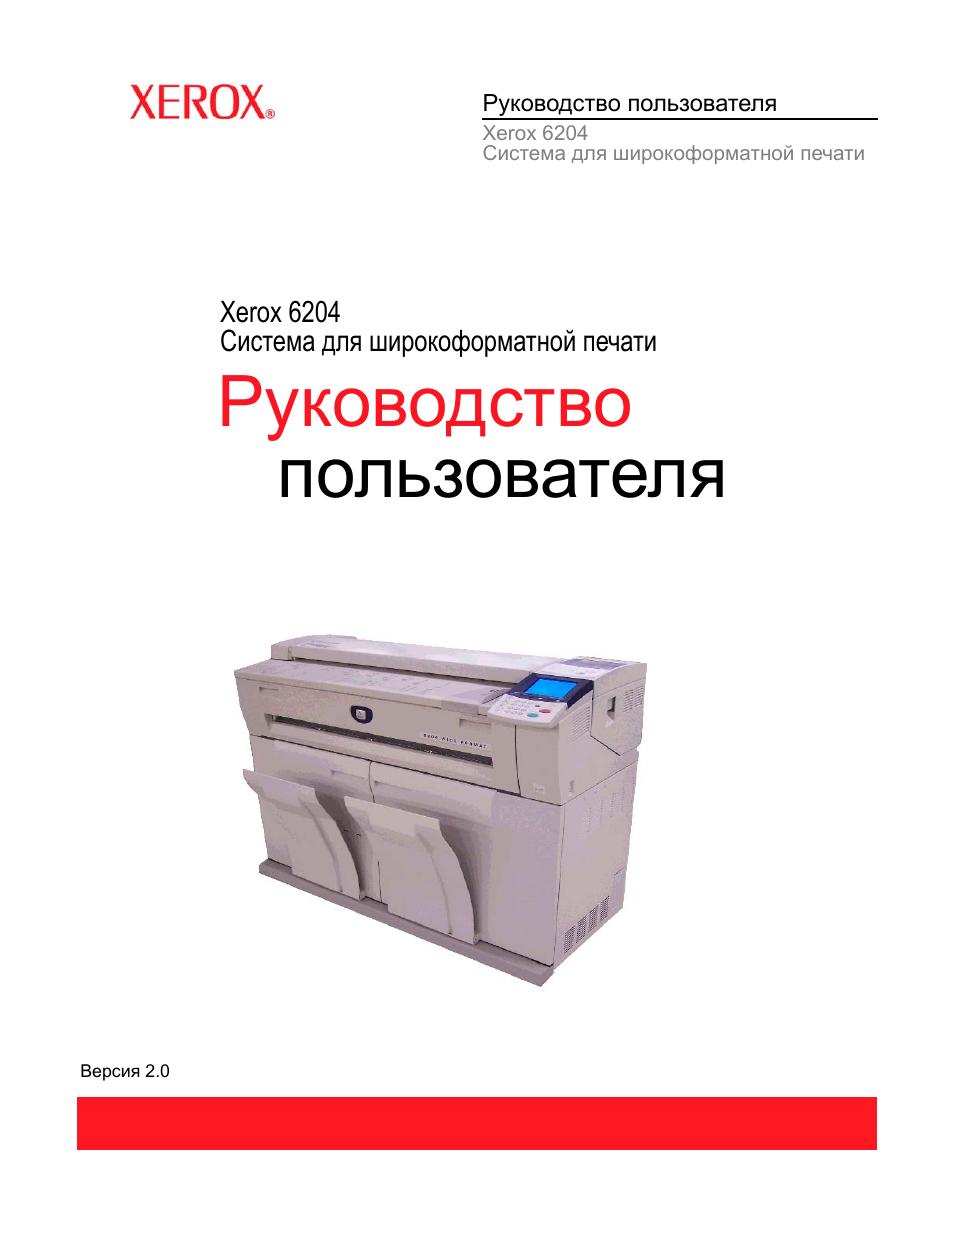 Инструкция по эксплуатации Xerox 6204 RU 218 страниц